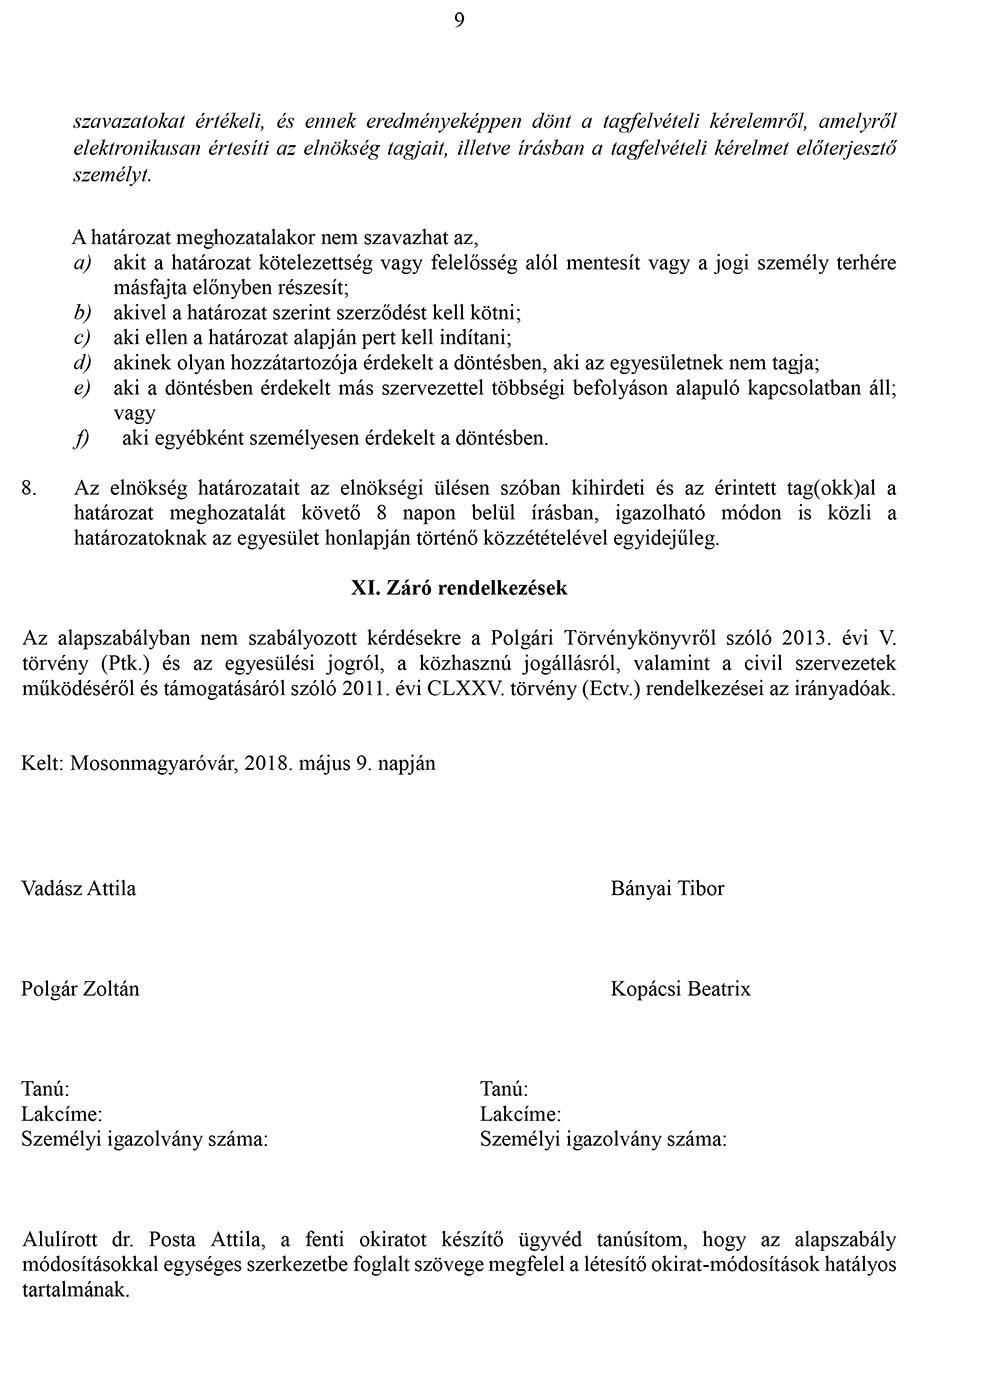 Magyar Szója kiadvány 1